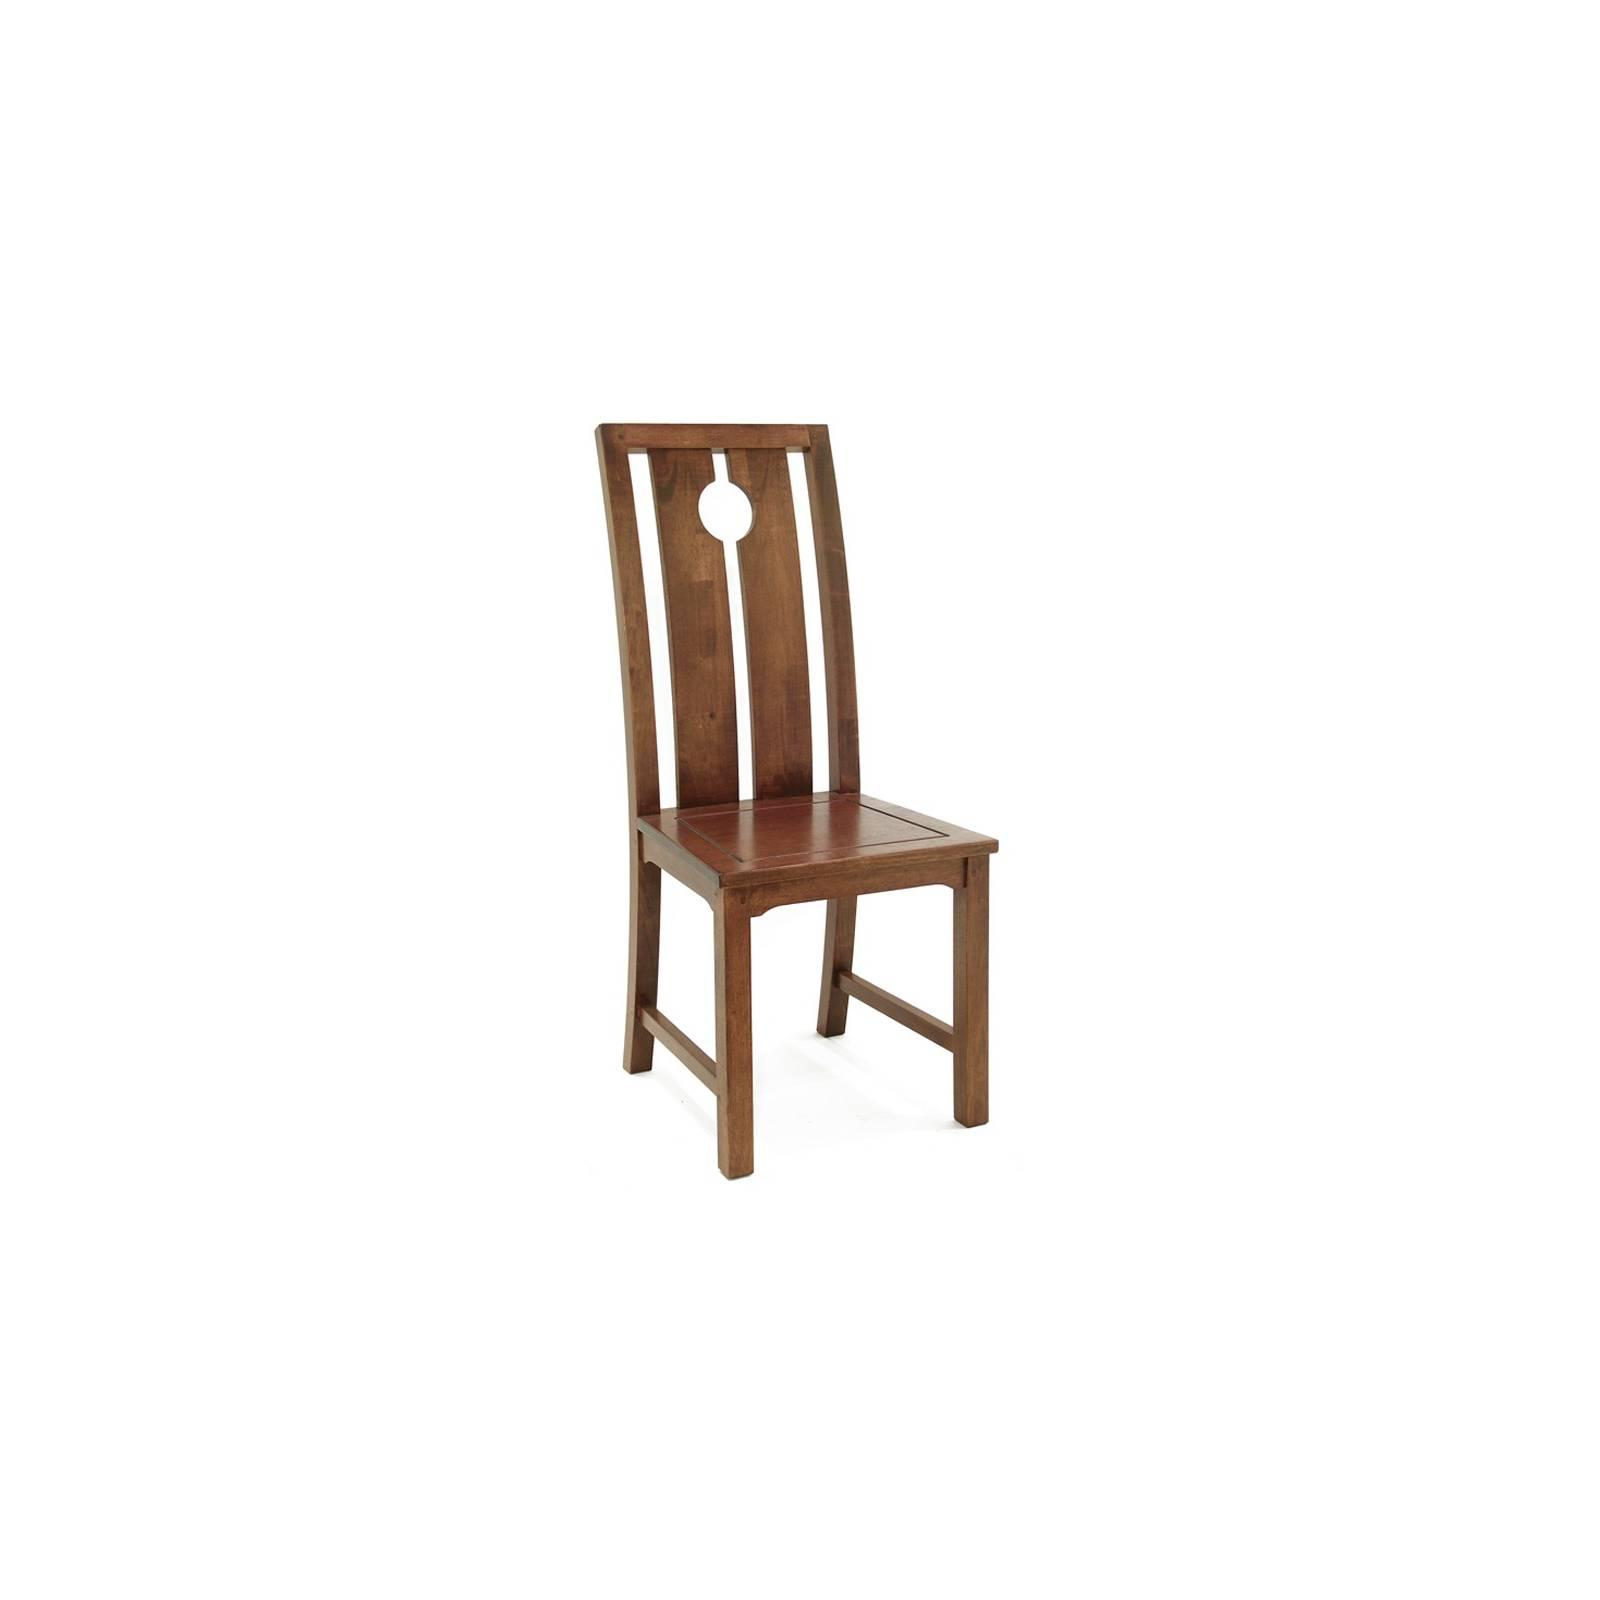 Chaise Chine Hévéa - meuble bois exotique